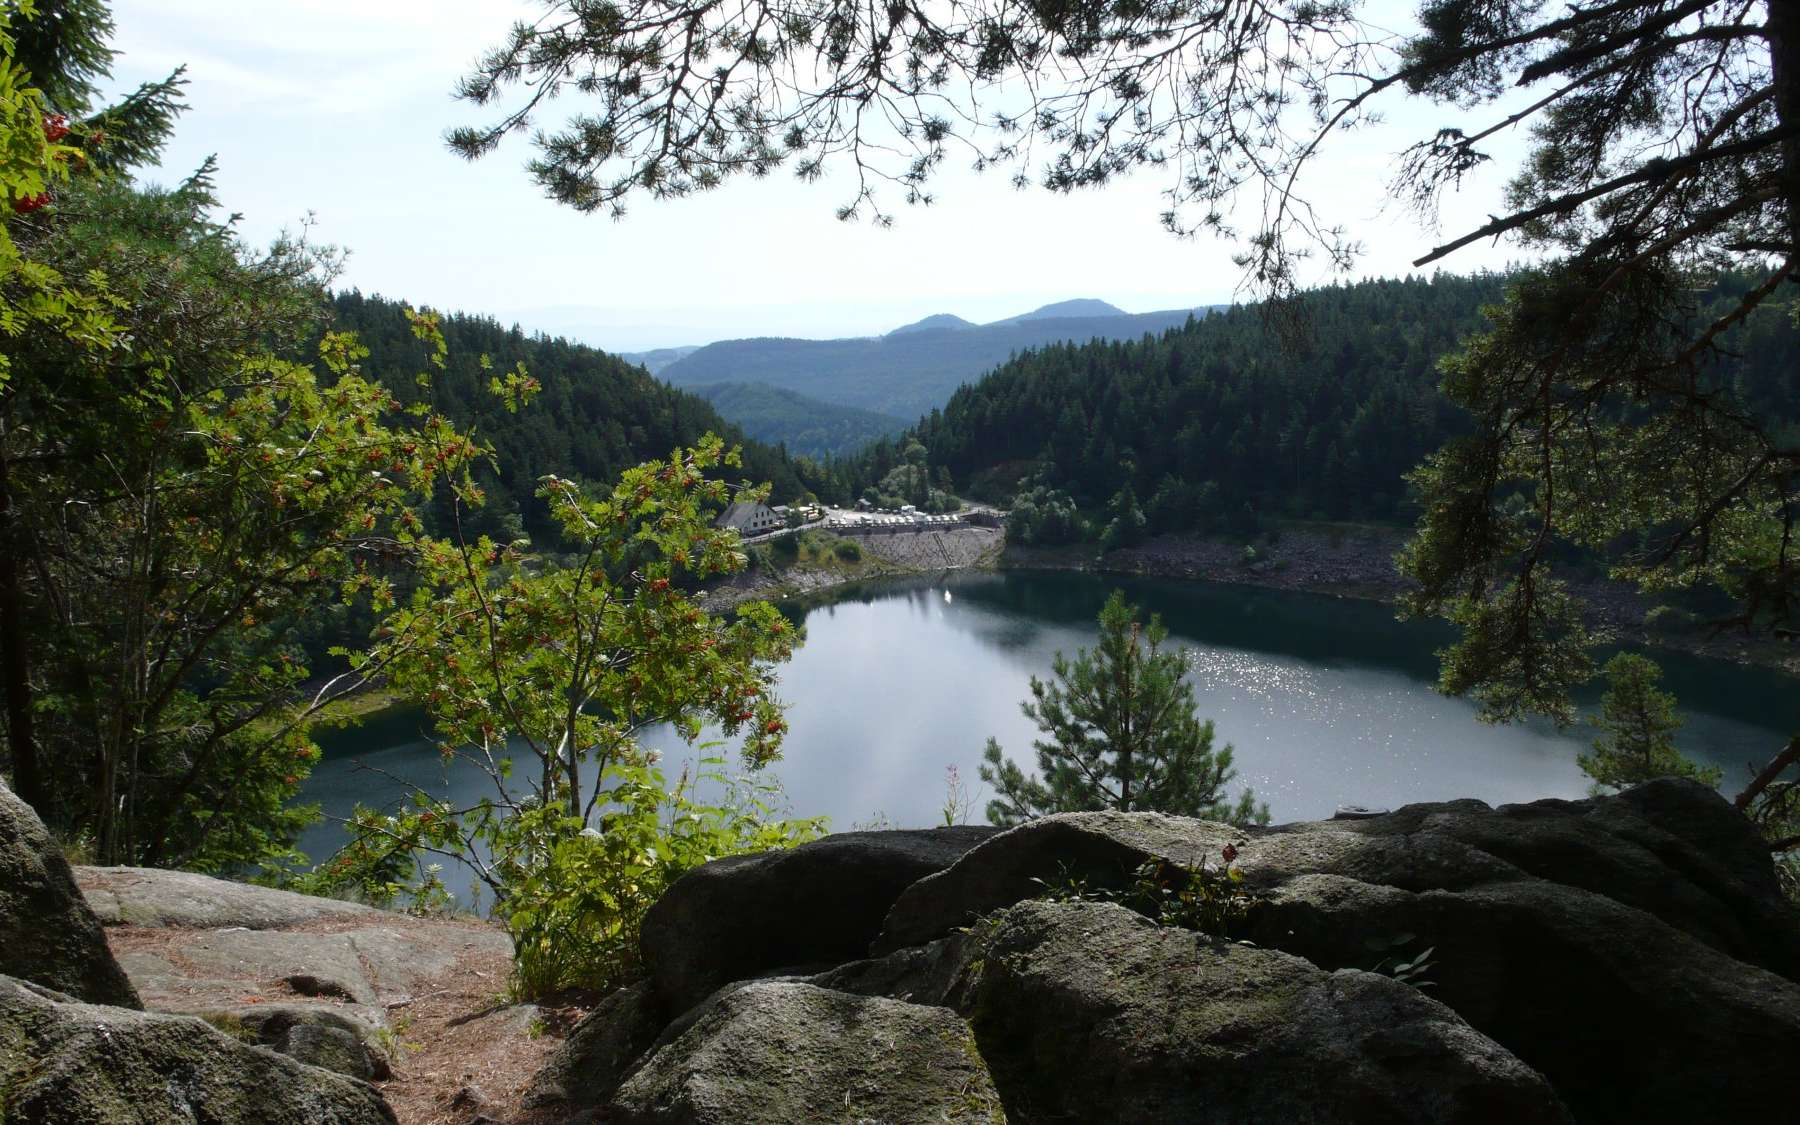 Le lac Noir, dans les Vosges. En période de production d'électricité excédentaire, des pompes envoient de l'eau dans le lac Blanc, situé 120 m au-dessus. Le lâché d'eau permet ensuite de restituer l'électricité (une partie du moins). L'installation a été créée dans les années 1930. On voit ici l'ancienne centrale hydraulique. © Jean-Luc Goudet